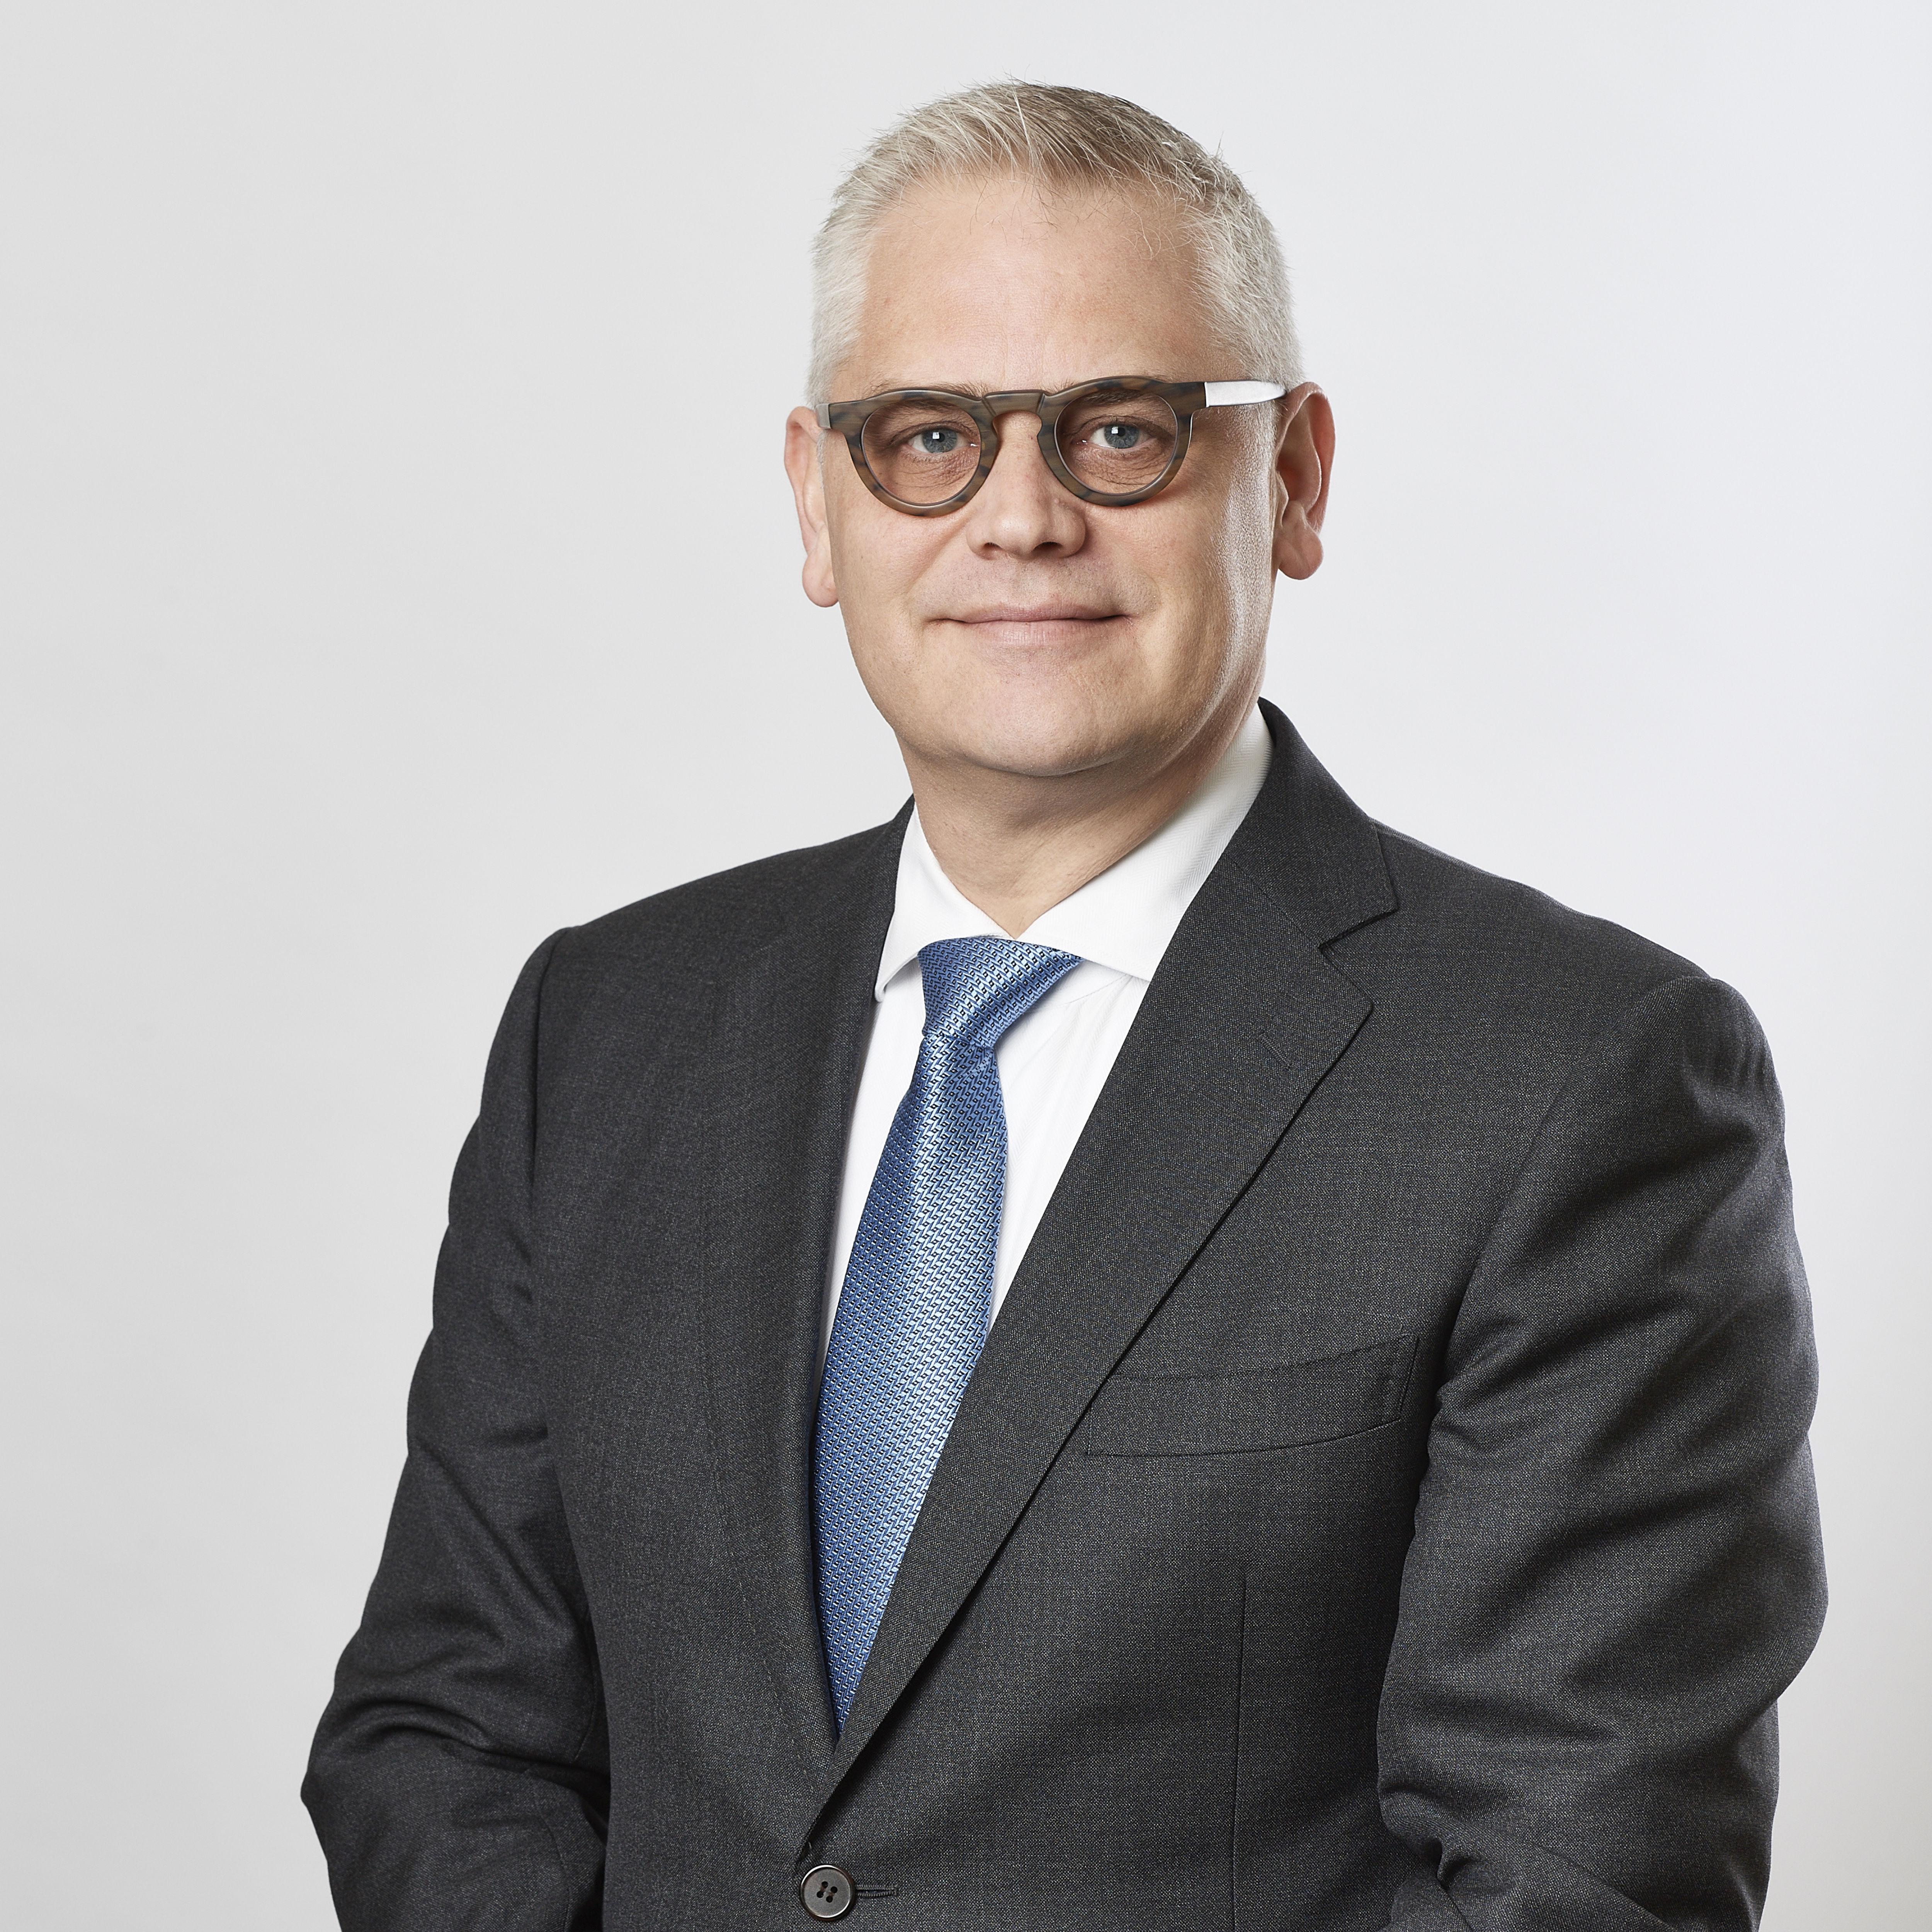 Alain Nijs